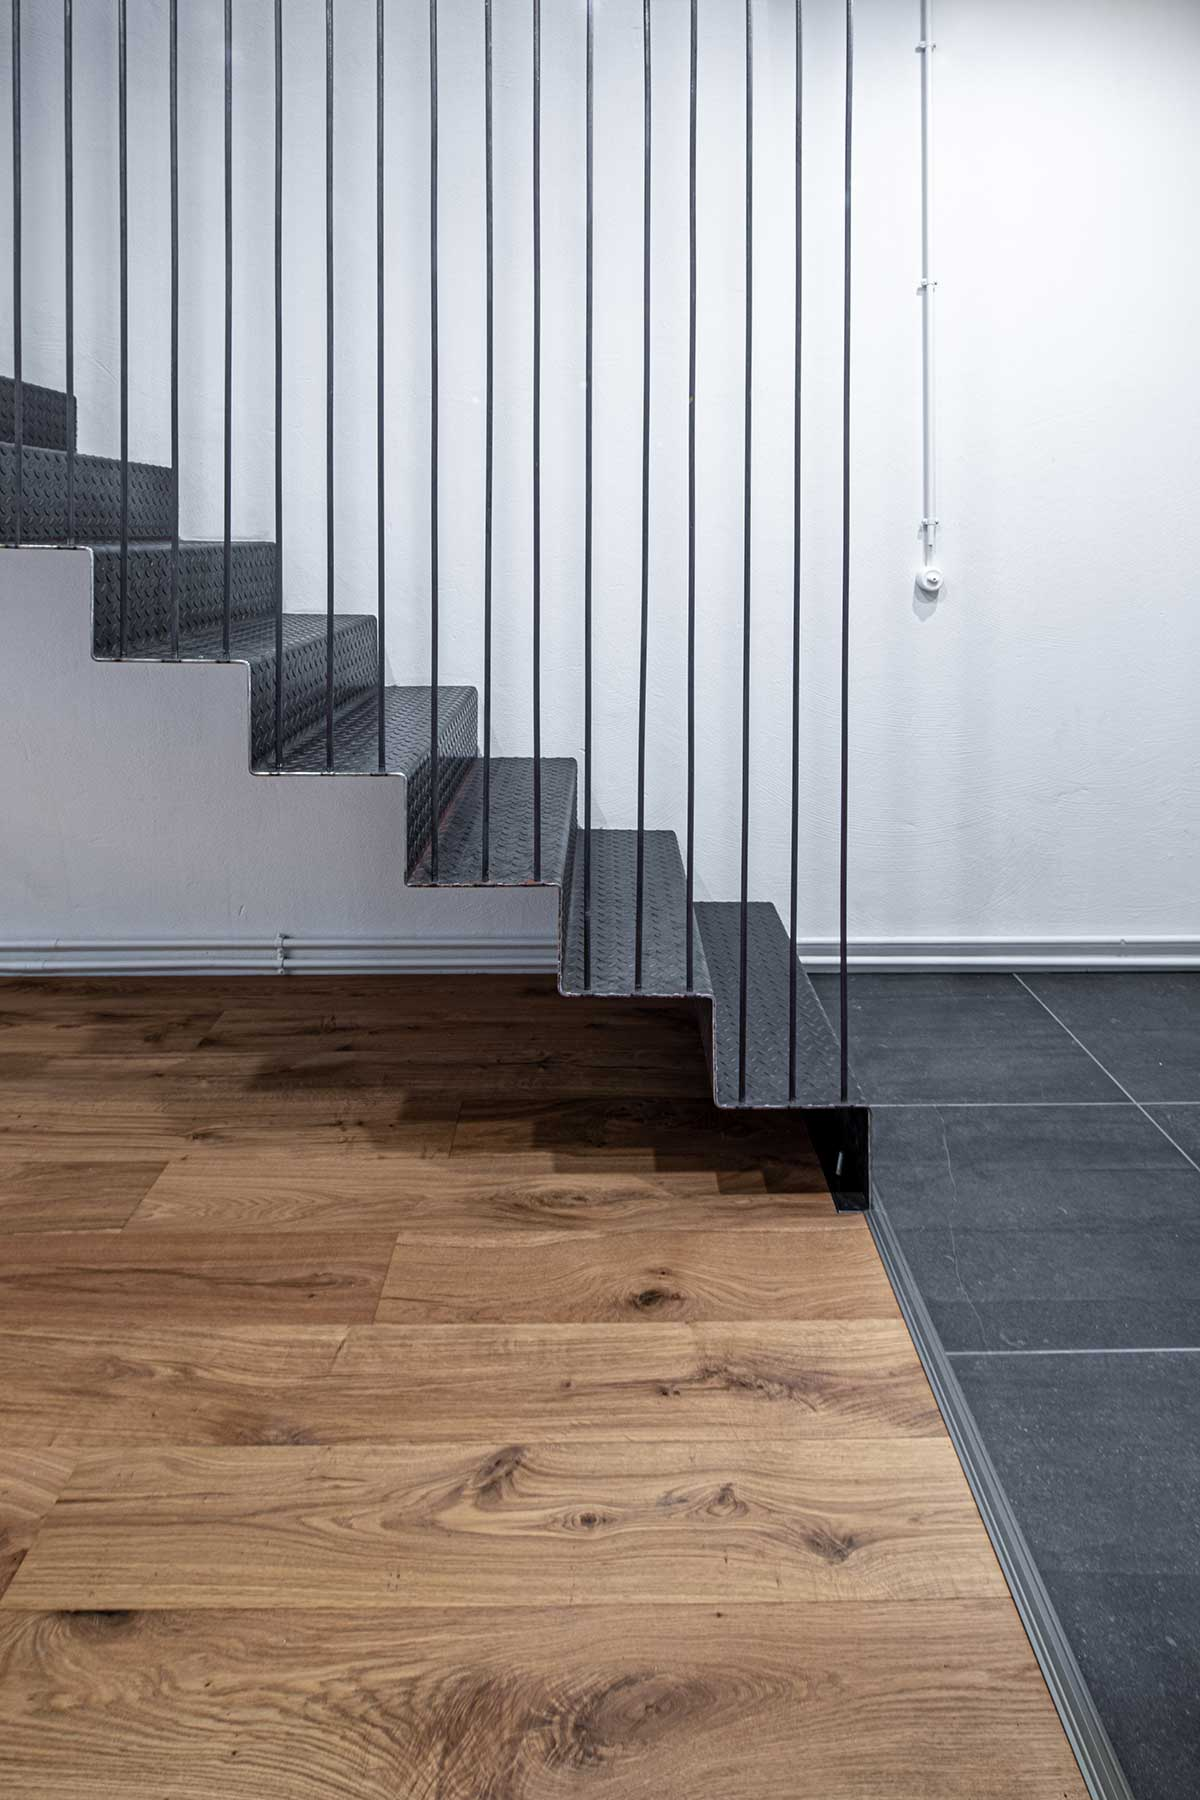 portaikko yksityiskohta